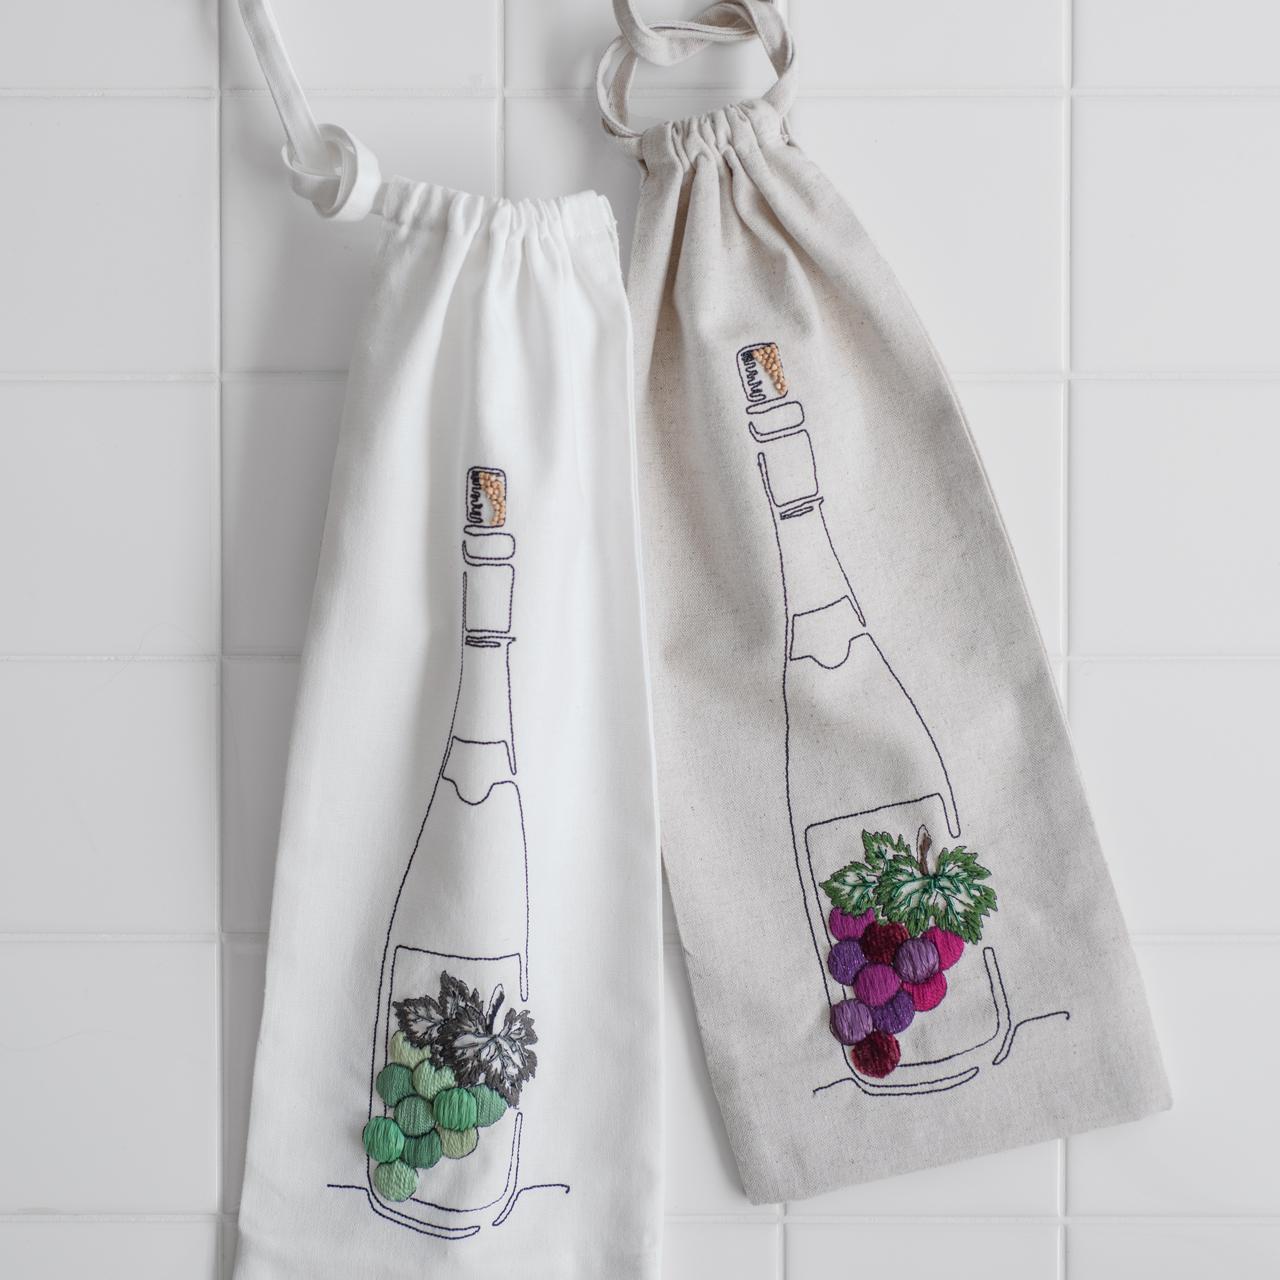 ワインボトルバッグの刺しゅうキット